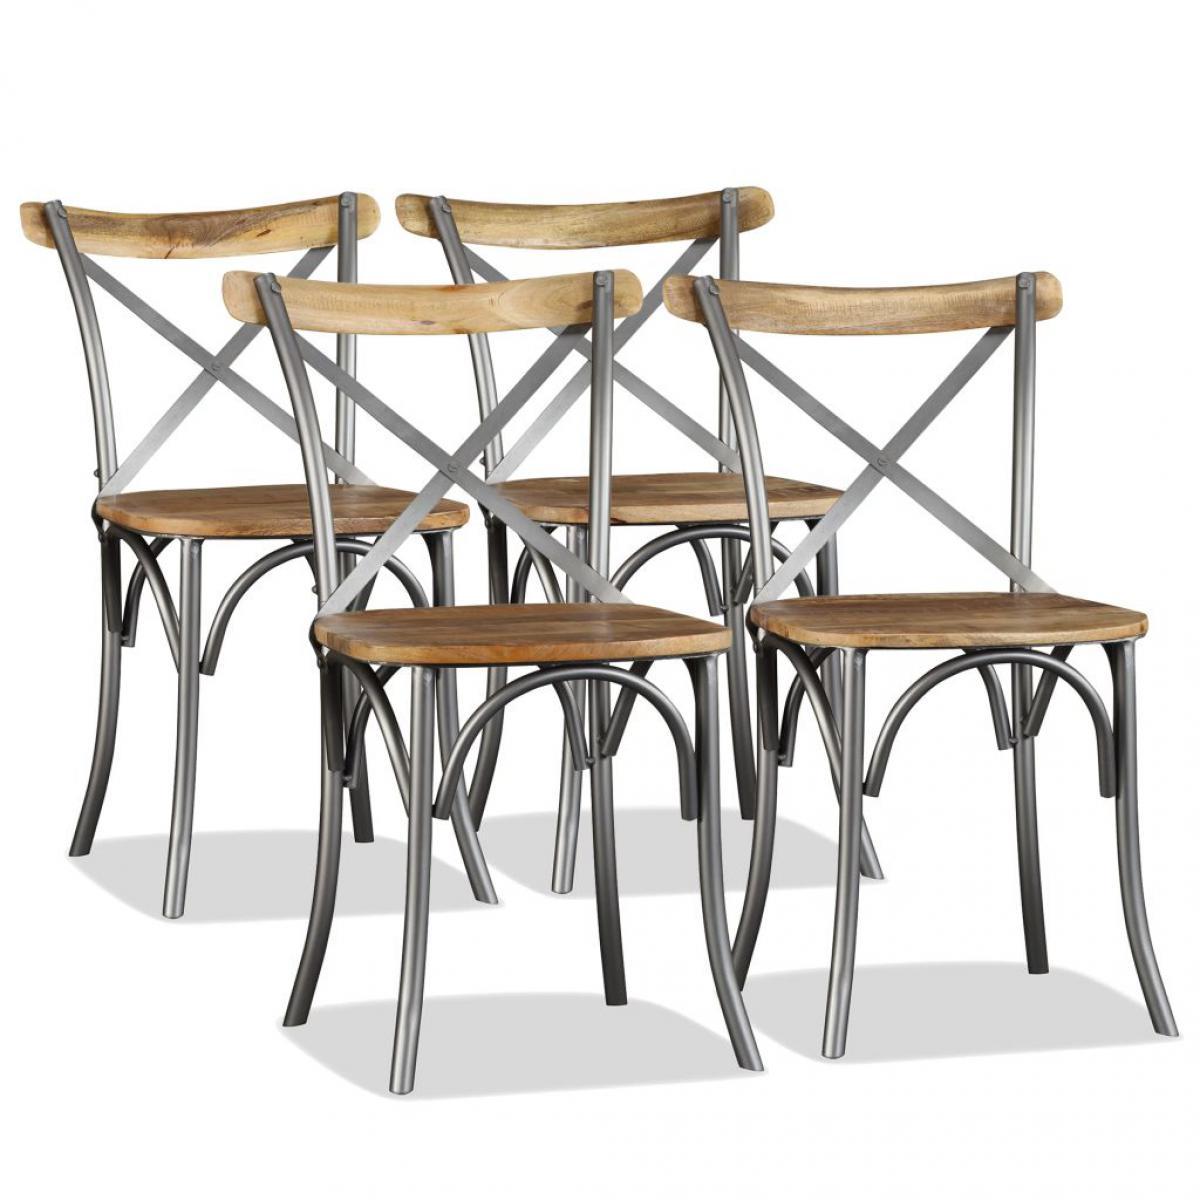 Vidaxl Chaise de salle à manger 4 pcs Bois de manguier massif et acier - Multicolore